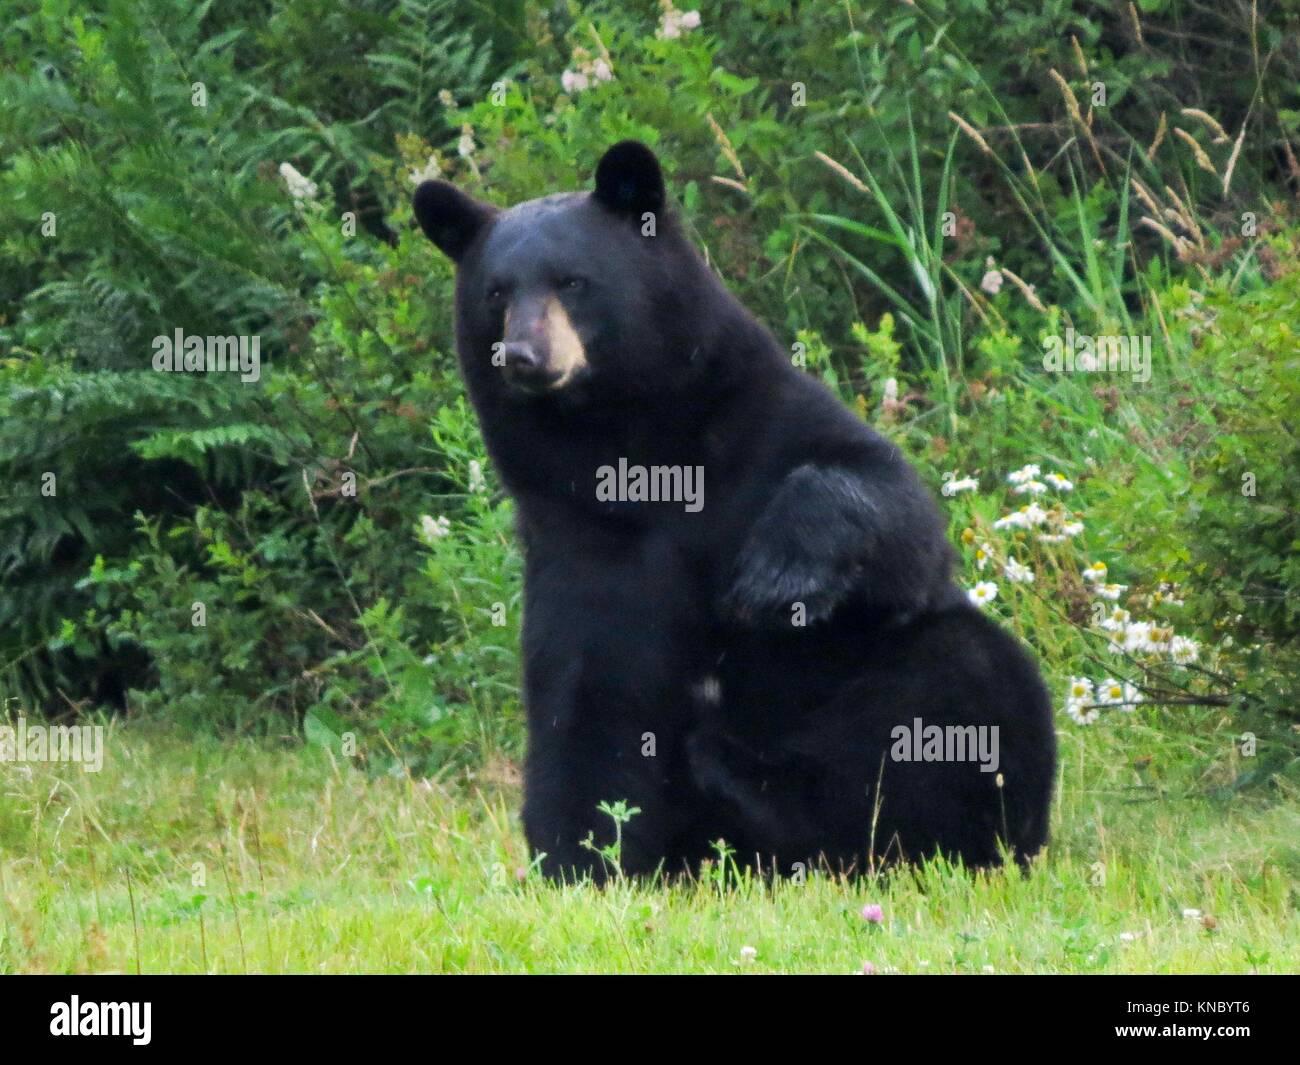 Black Bear (Ursus Americanus) - Stock Image